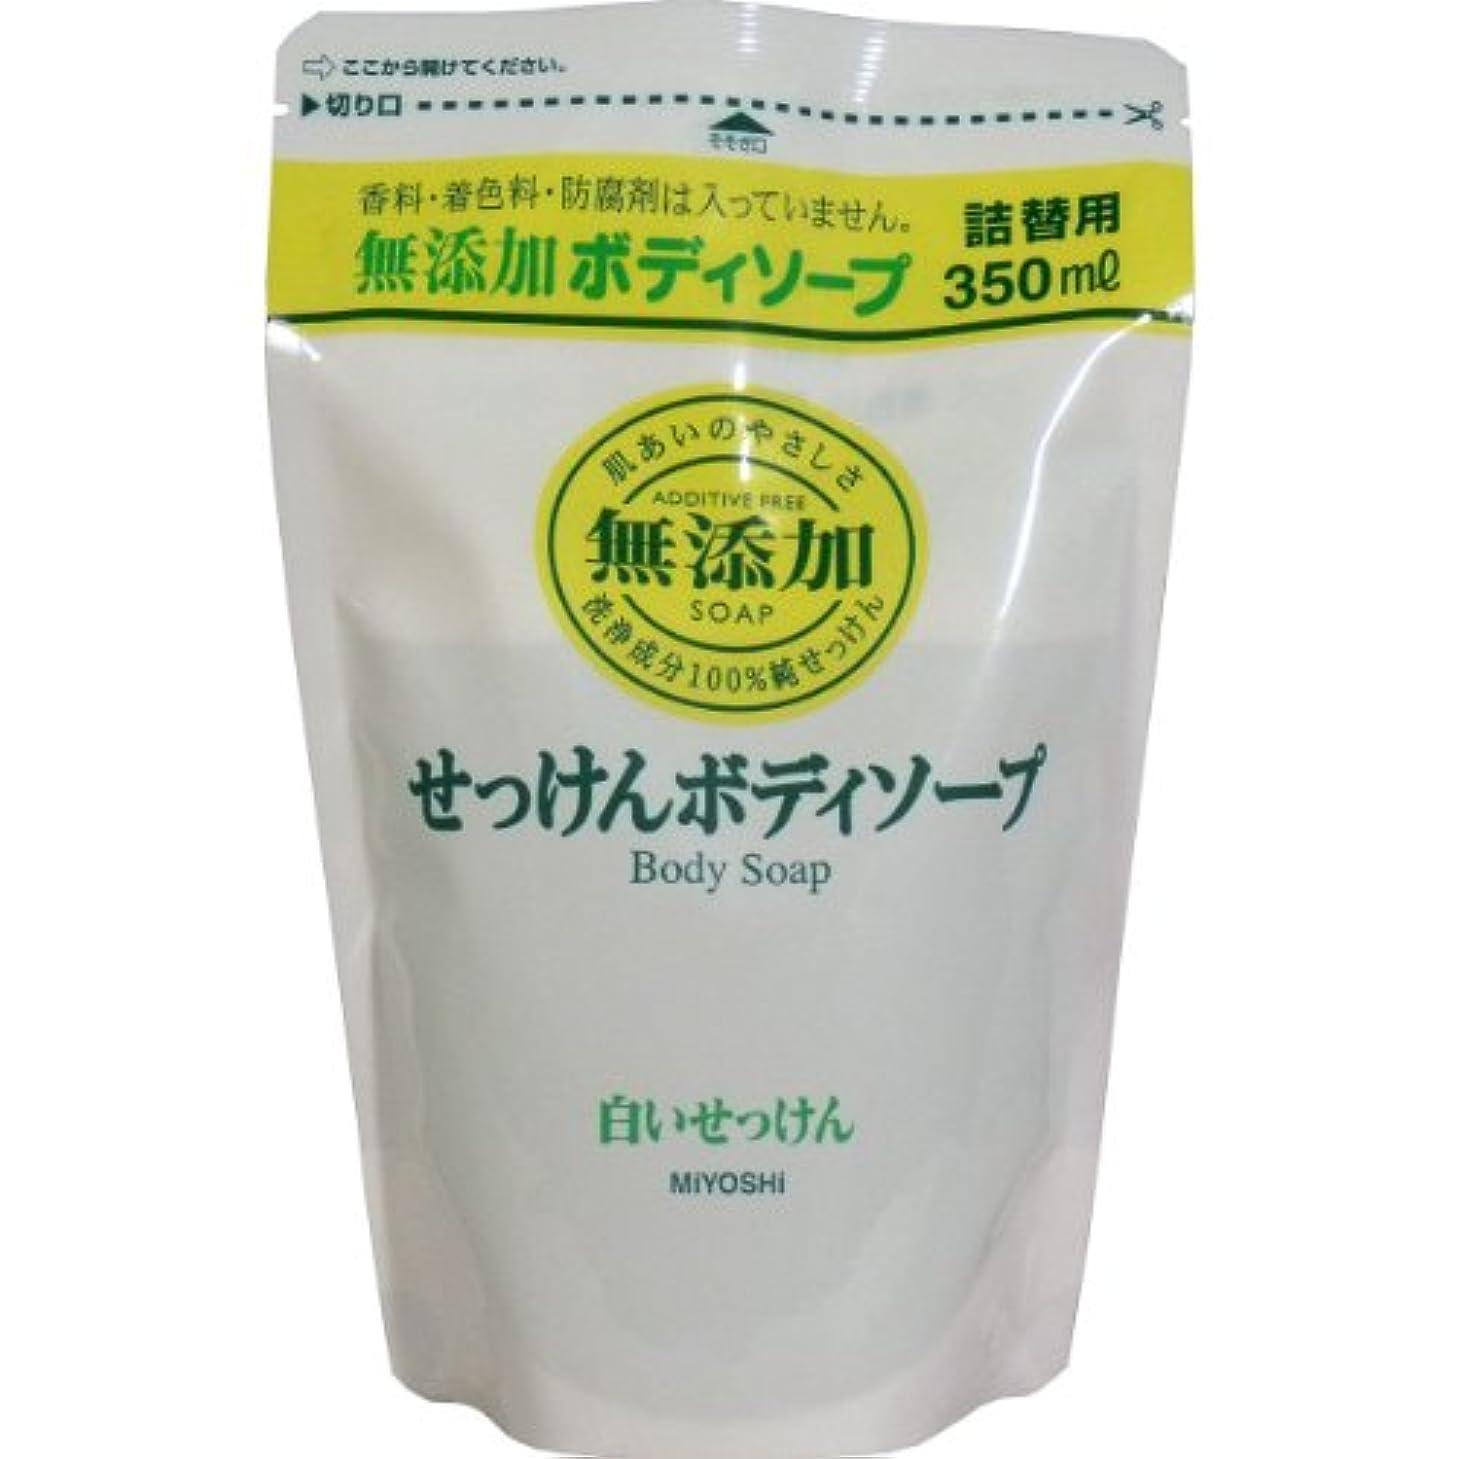 市区町村もっと予言するミヨシ 無添加 ボディソープ 白い石けん つめかえ用 350ml(無添加石鹸) x 10個セット